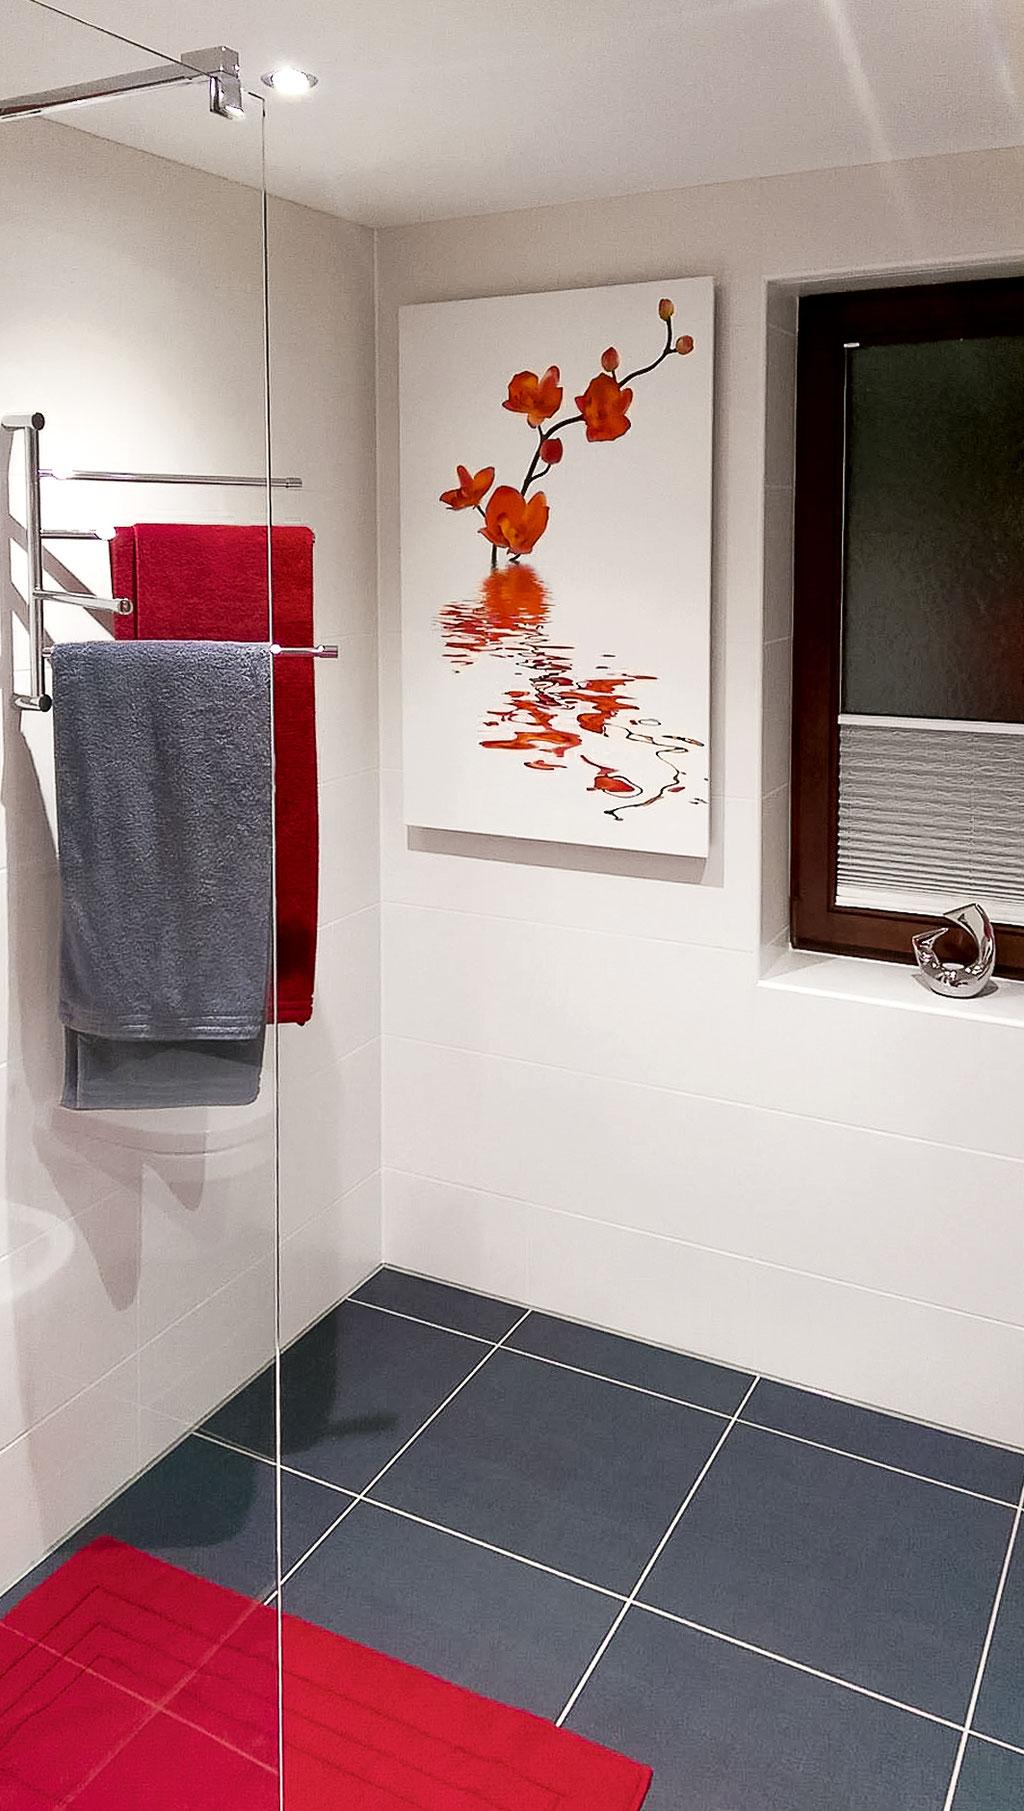 HALLER Infrarotheizung Badezimmer